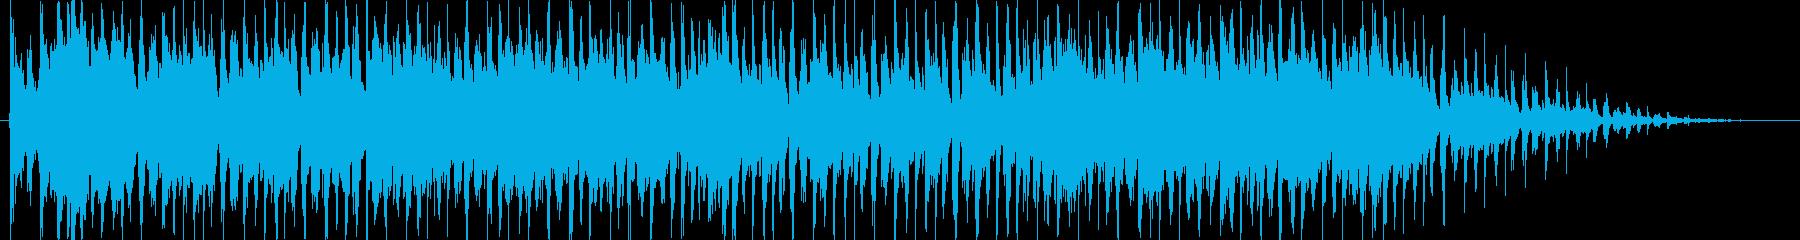 キラキラニャンニャンポップなバンドの再生済みの波形